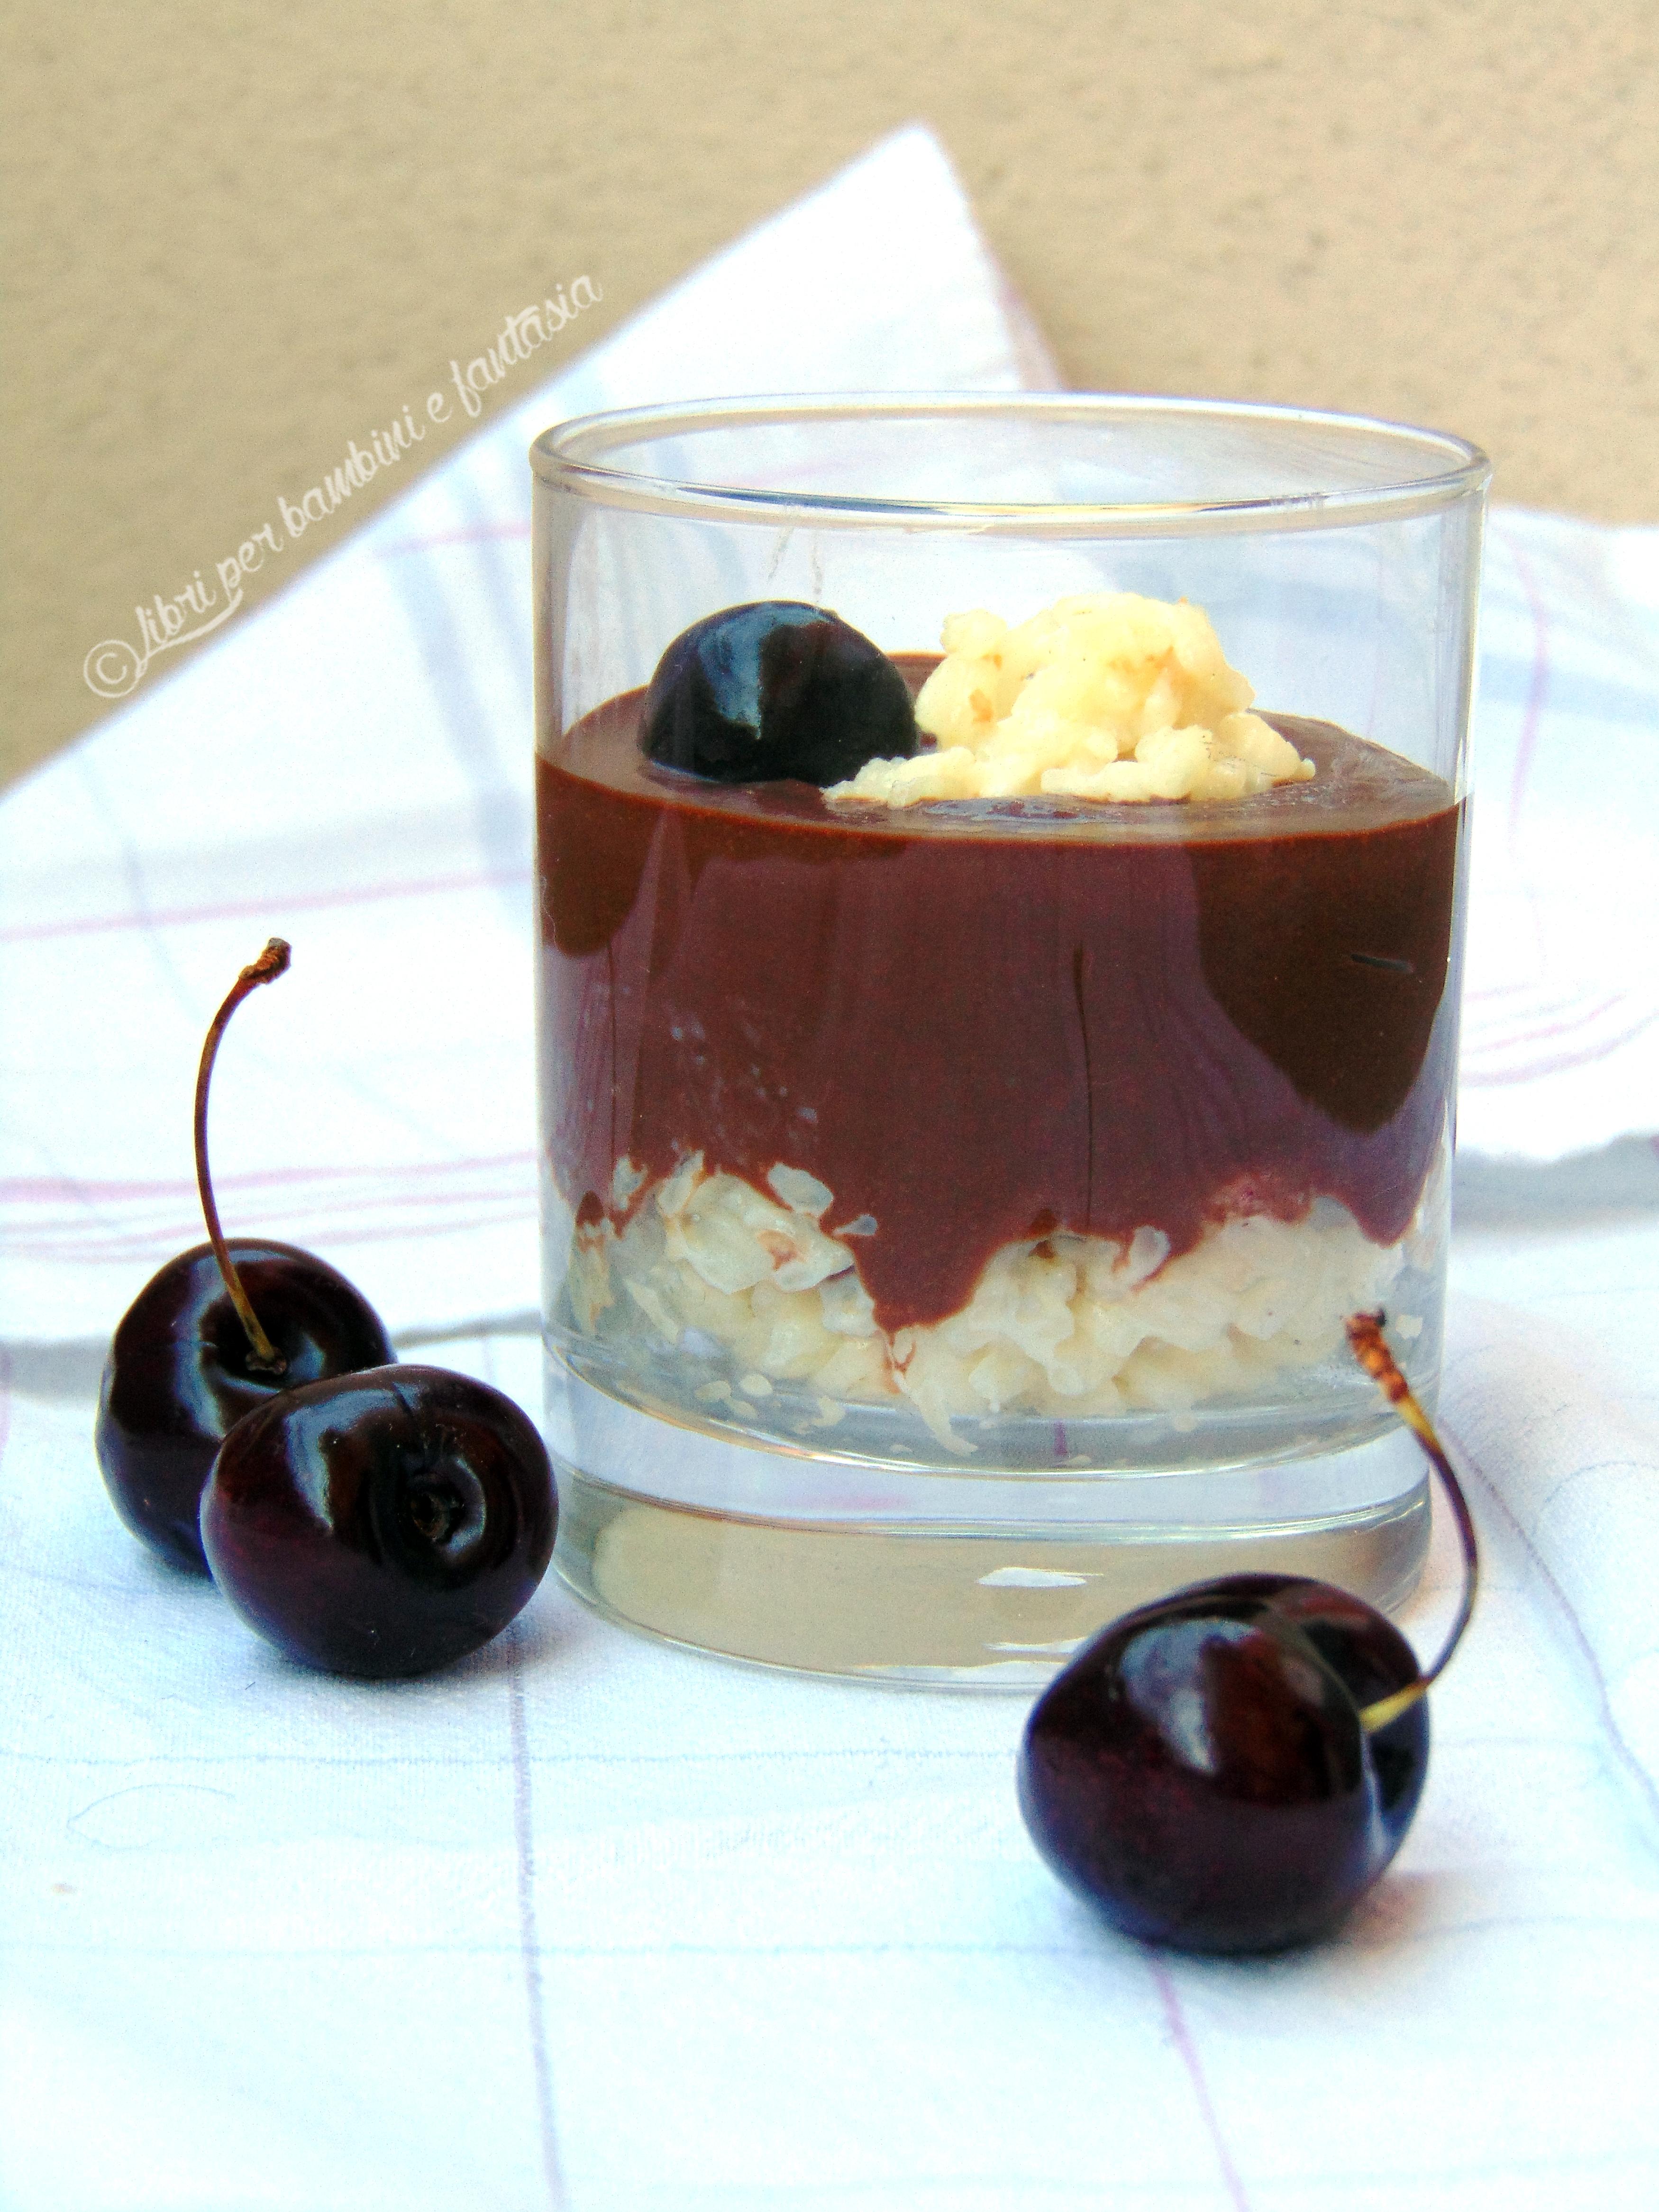 mousse al cioccolato e risolatte7BIS